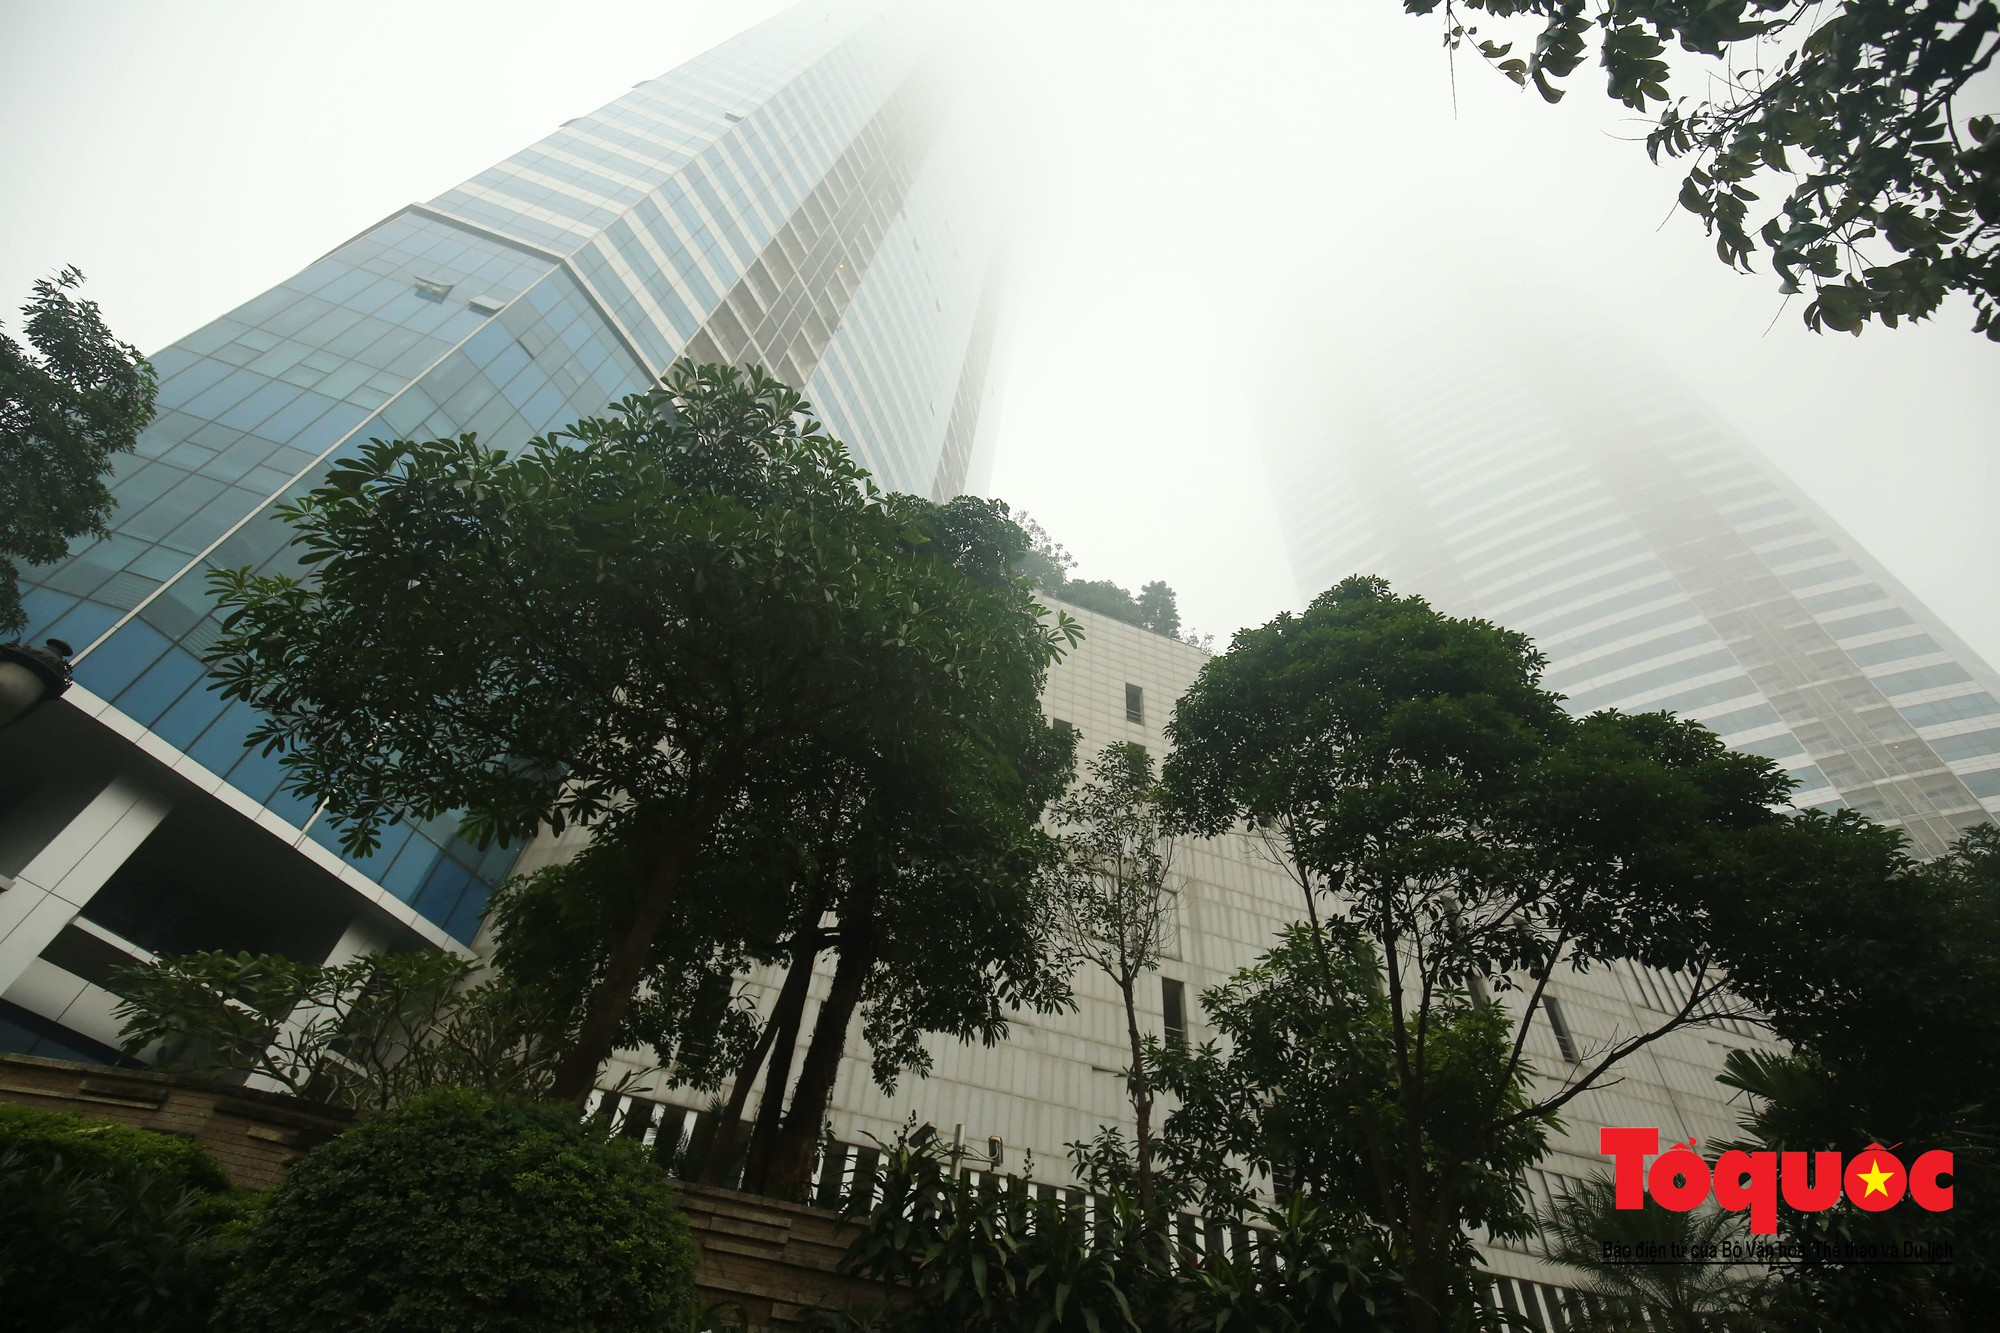 Cao ốc Hà Nội chơi ú tìm trong lớp sương mù dày đặc8